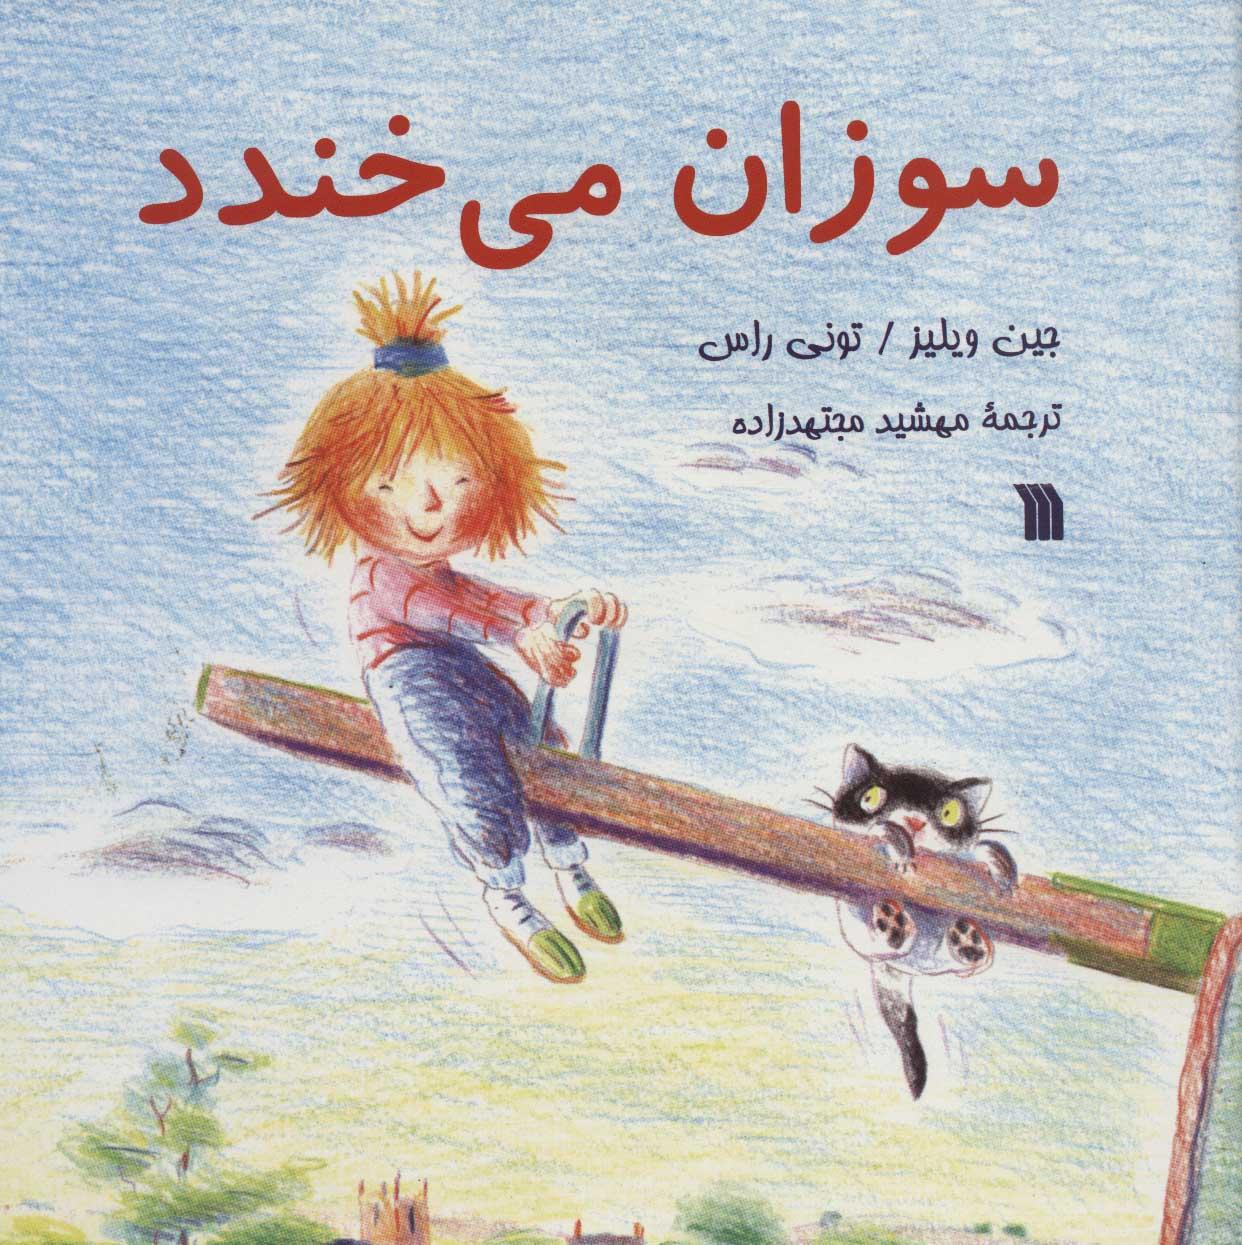 کتاب سوزان می خندد